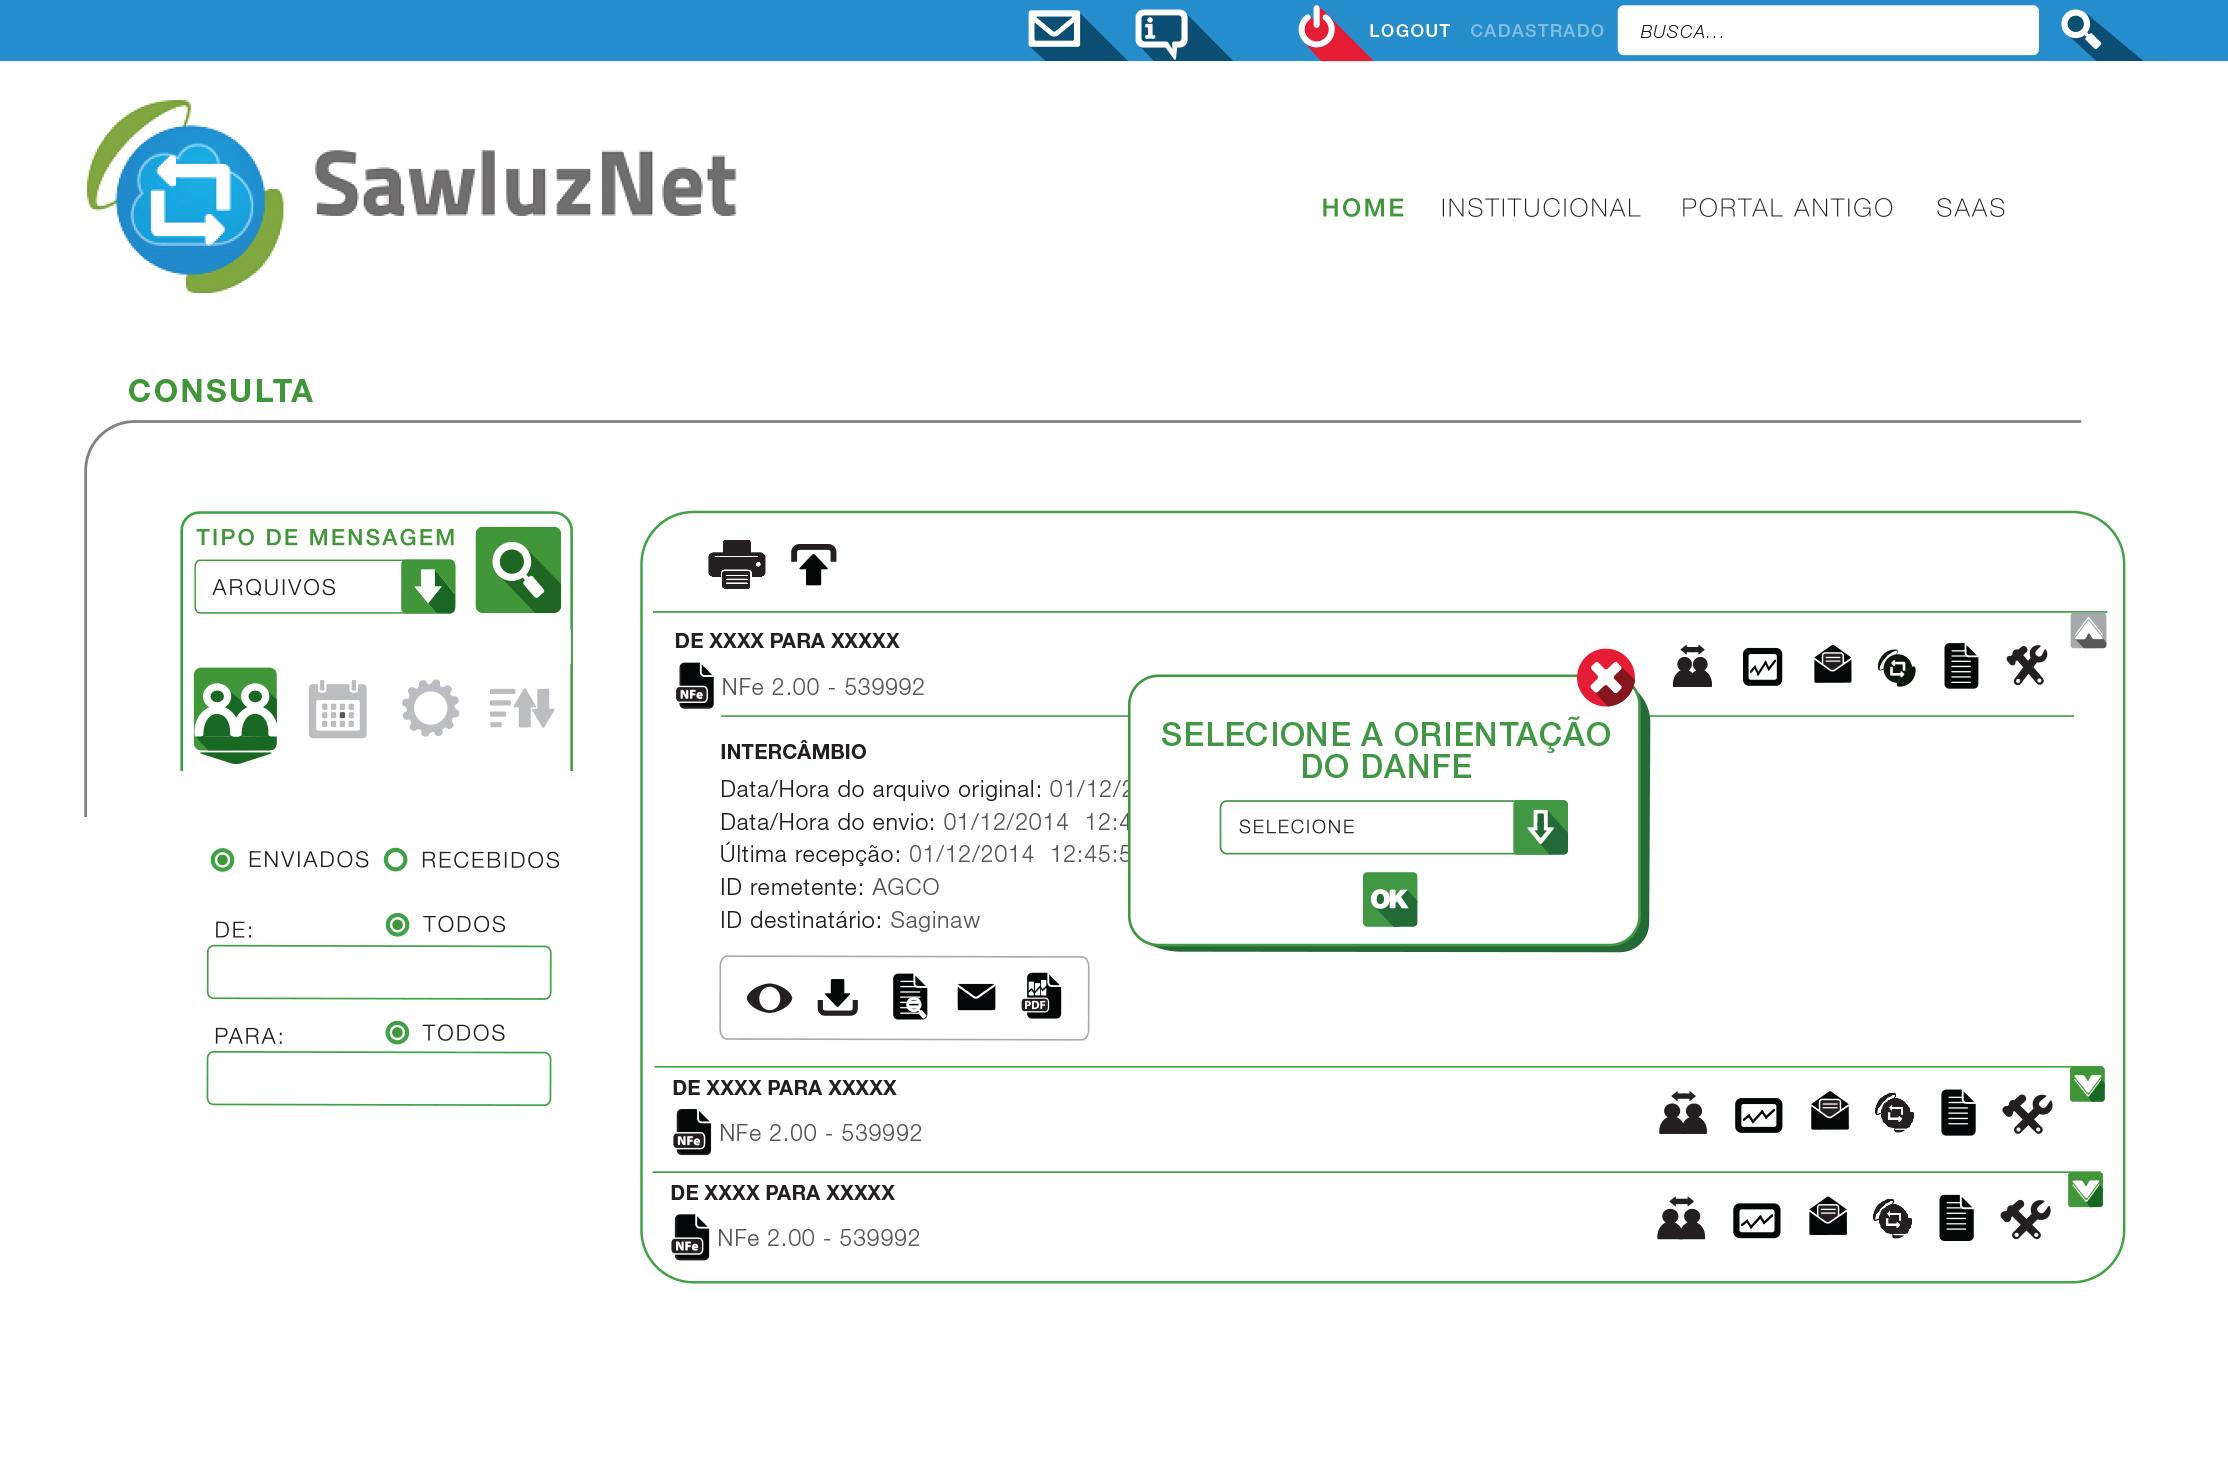 Sawluz Net